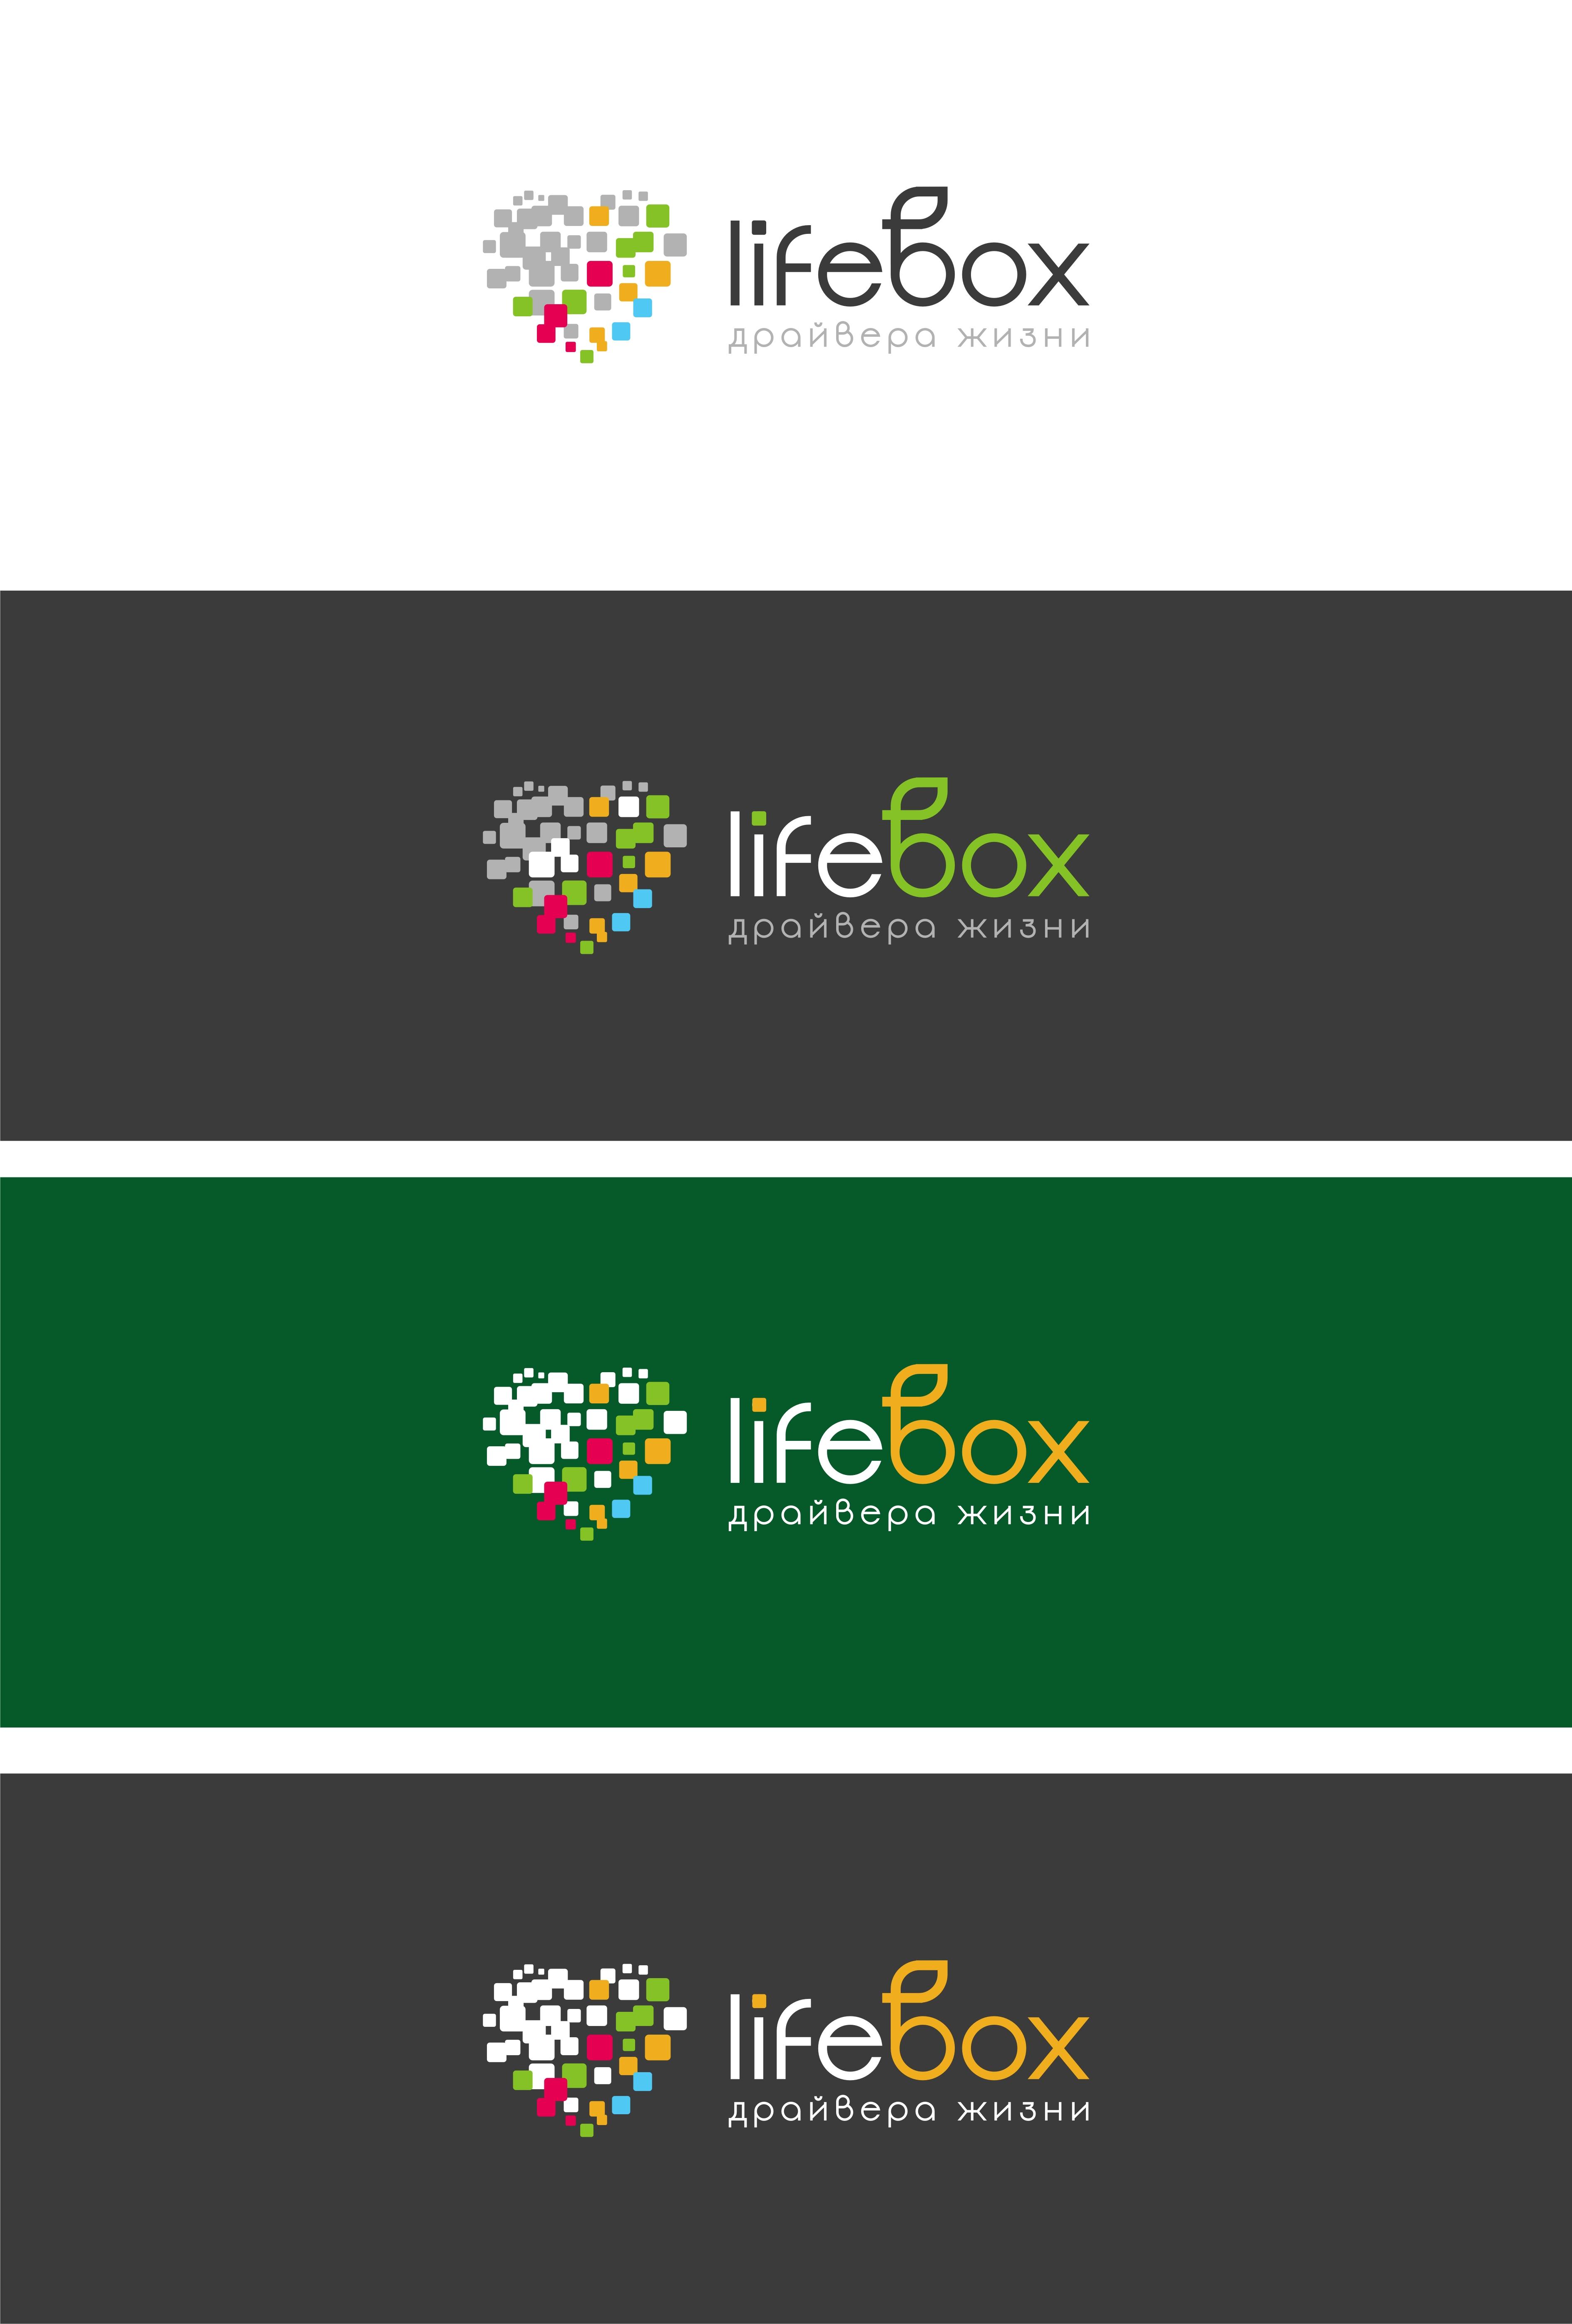 Разработка Логотипа. Победитель получит расширеный заказ  фото f_8875c31f36a6f9cb.jpg